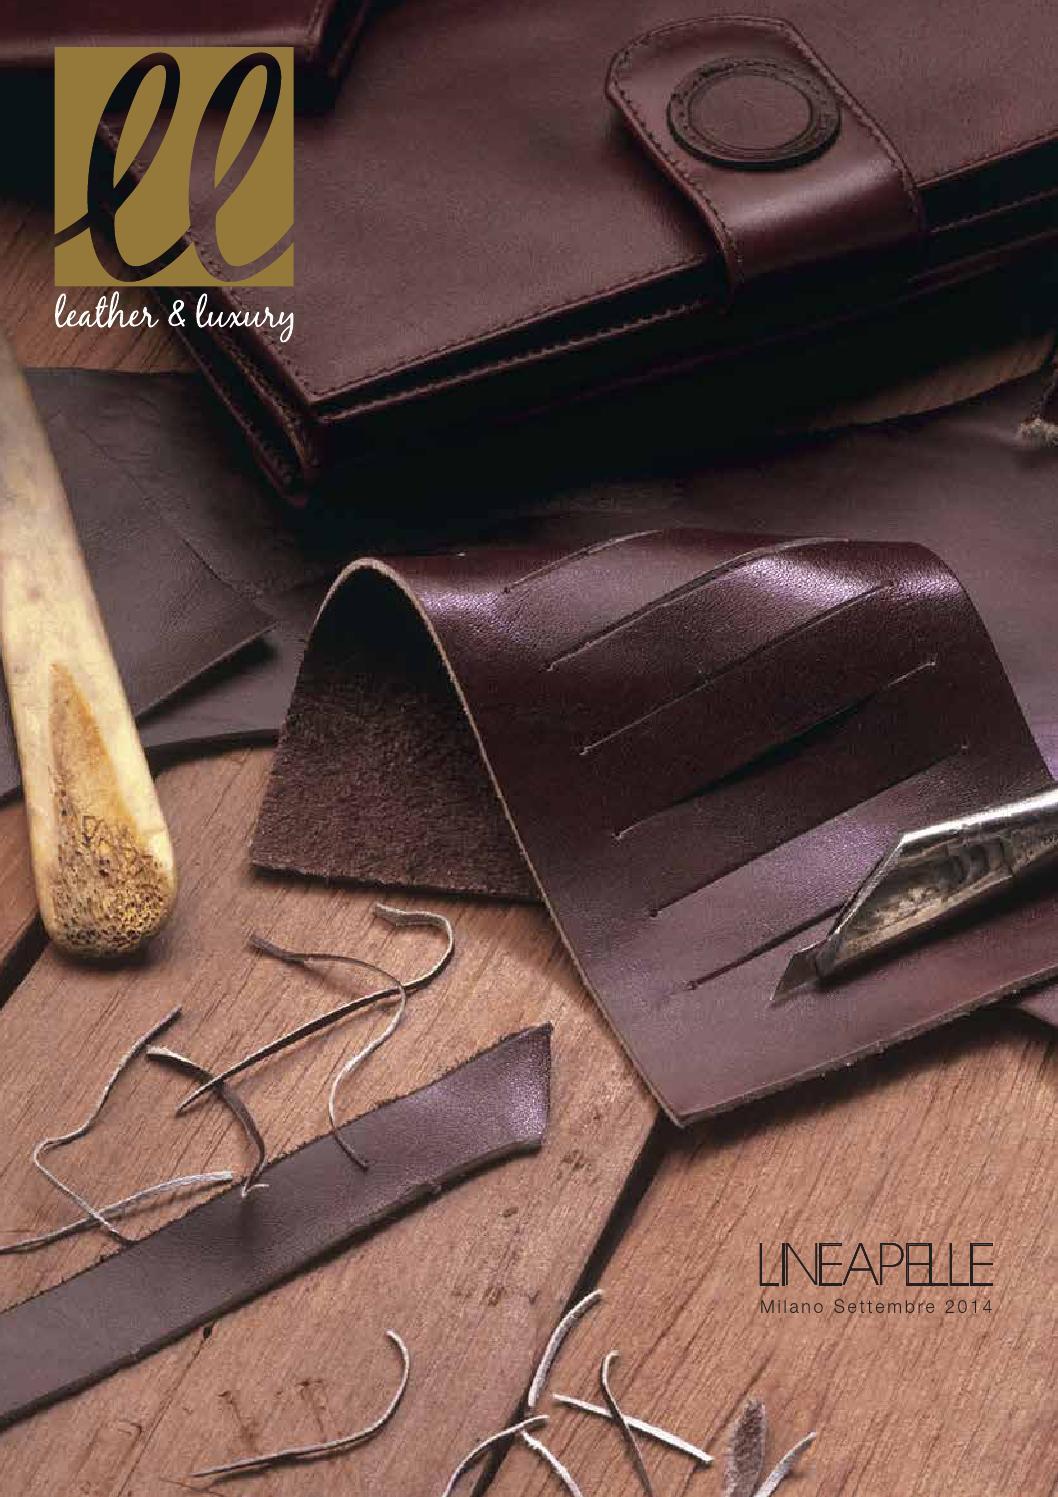 1e90e2413a Leather & Luxury 3 by MGA Comunicazione - issuu